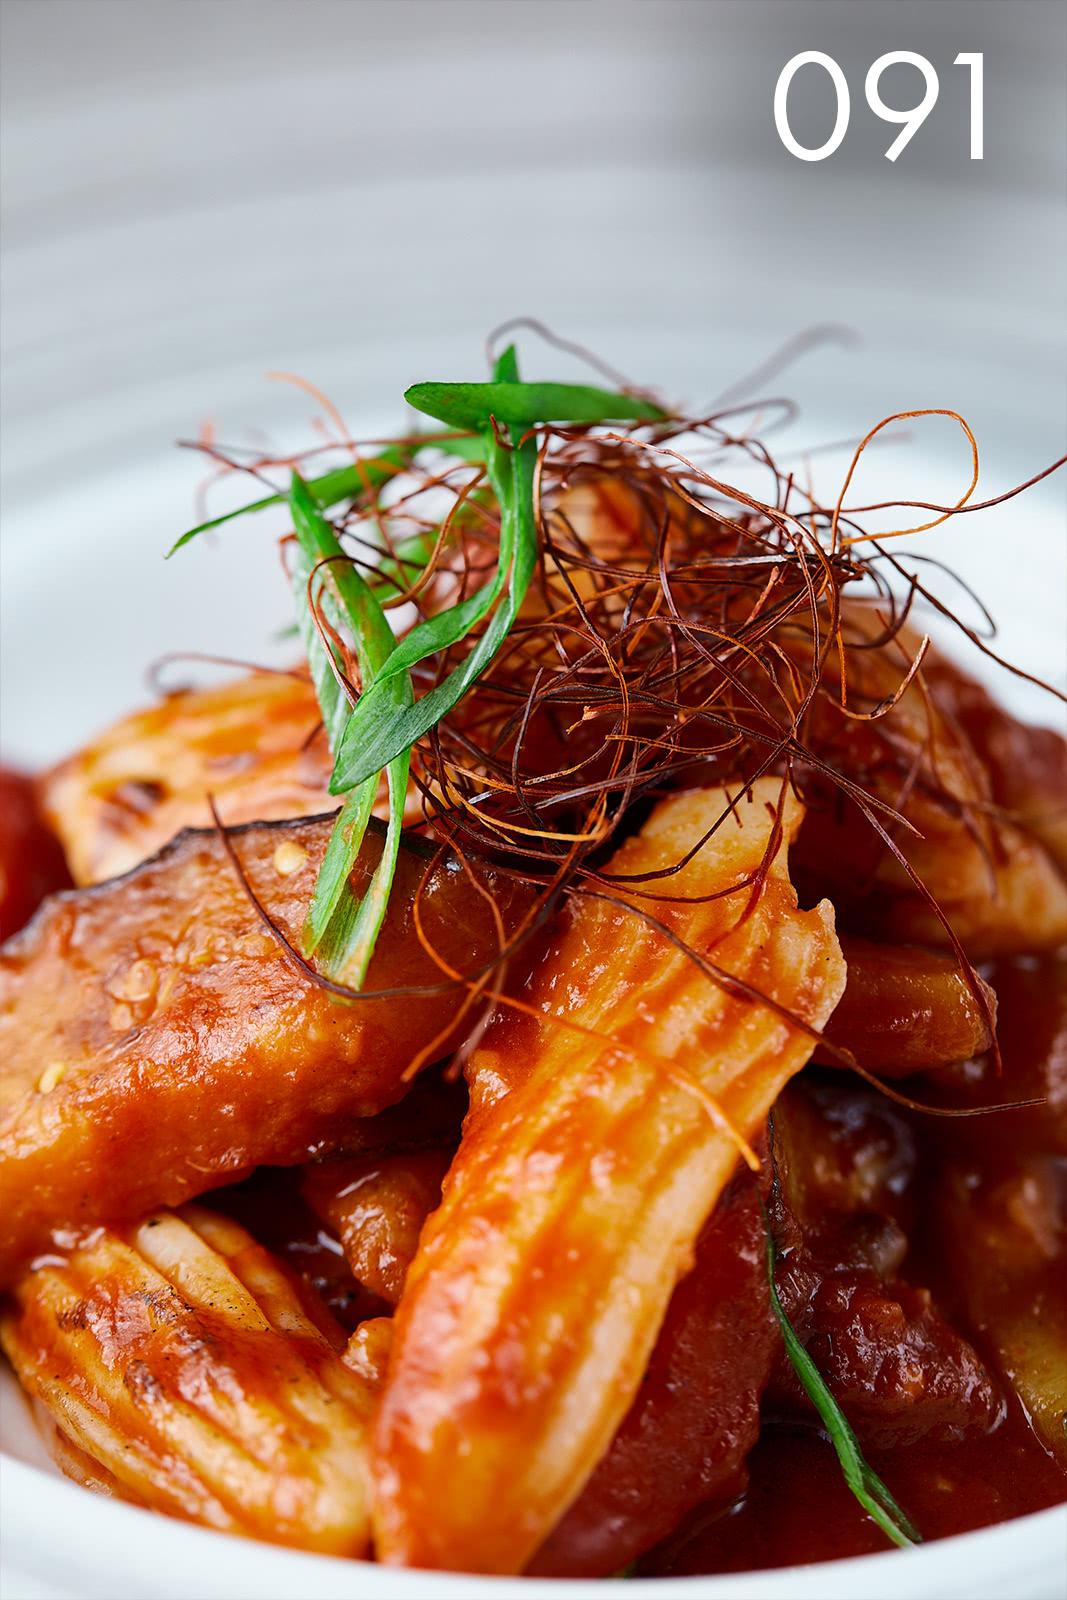 салат с овощами гриль и суши кальмаром в ресторане Веранда